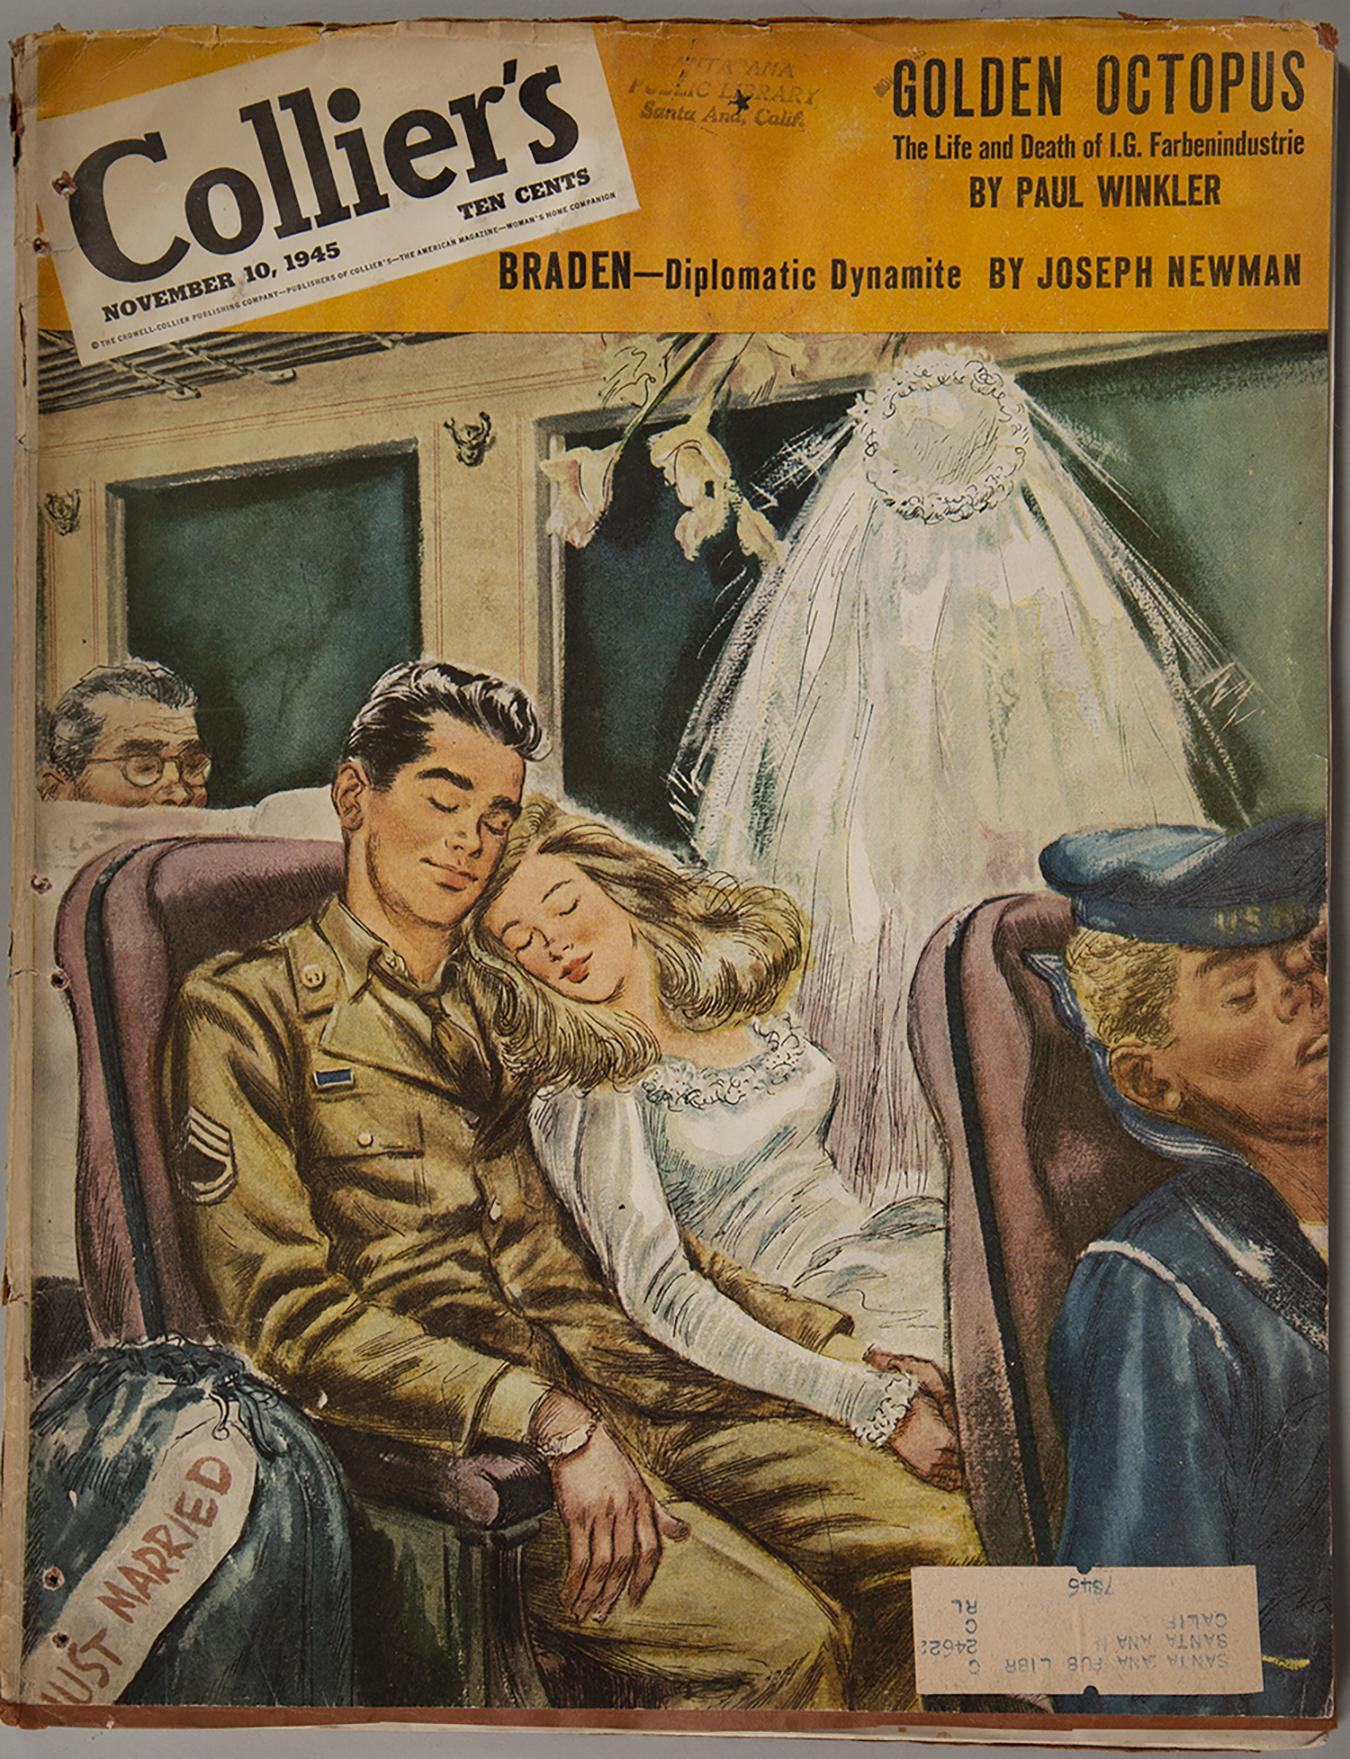 Collier's magazine (November 10, 1945)